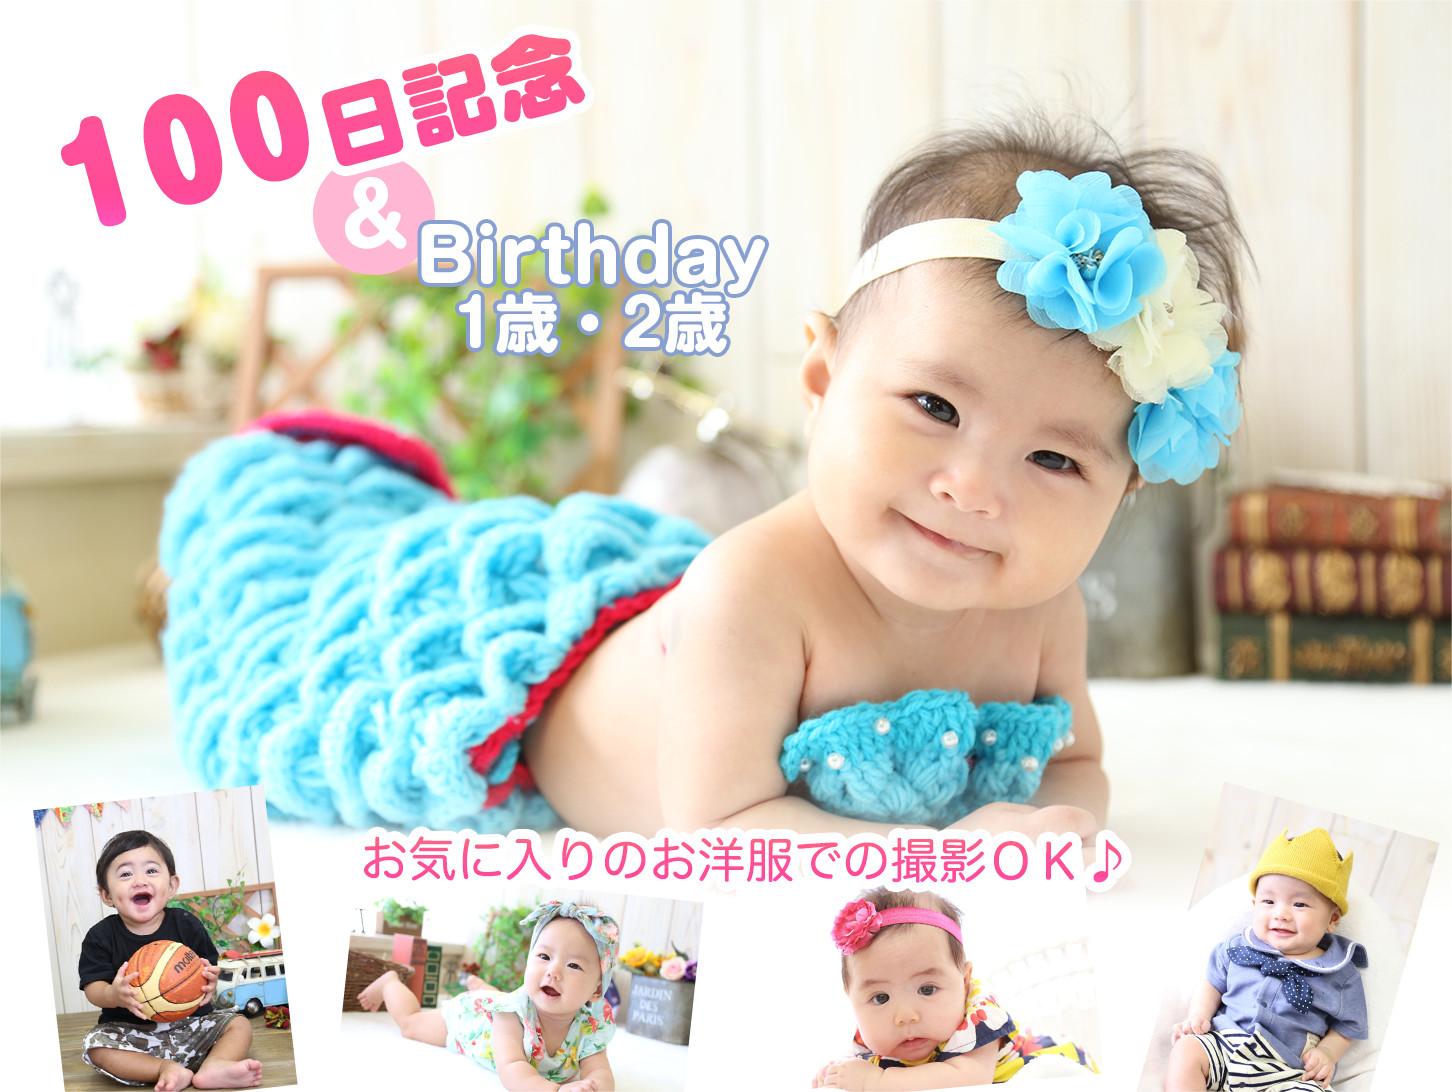 100日記念&Birthday1歳・2歳